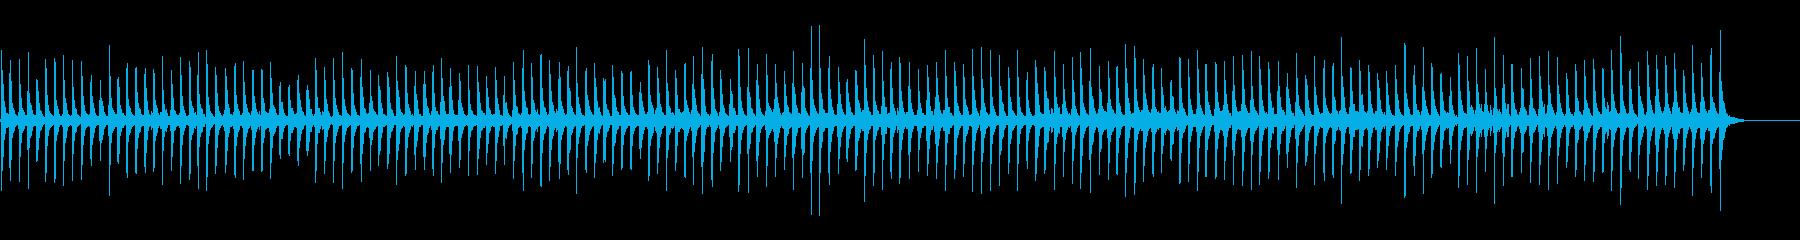 【生録音】スレイベル「シャン」長めの再生済みの波形